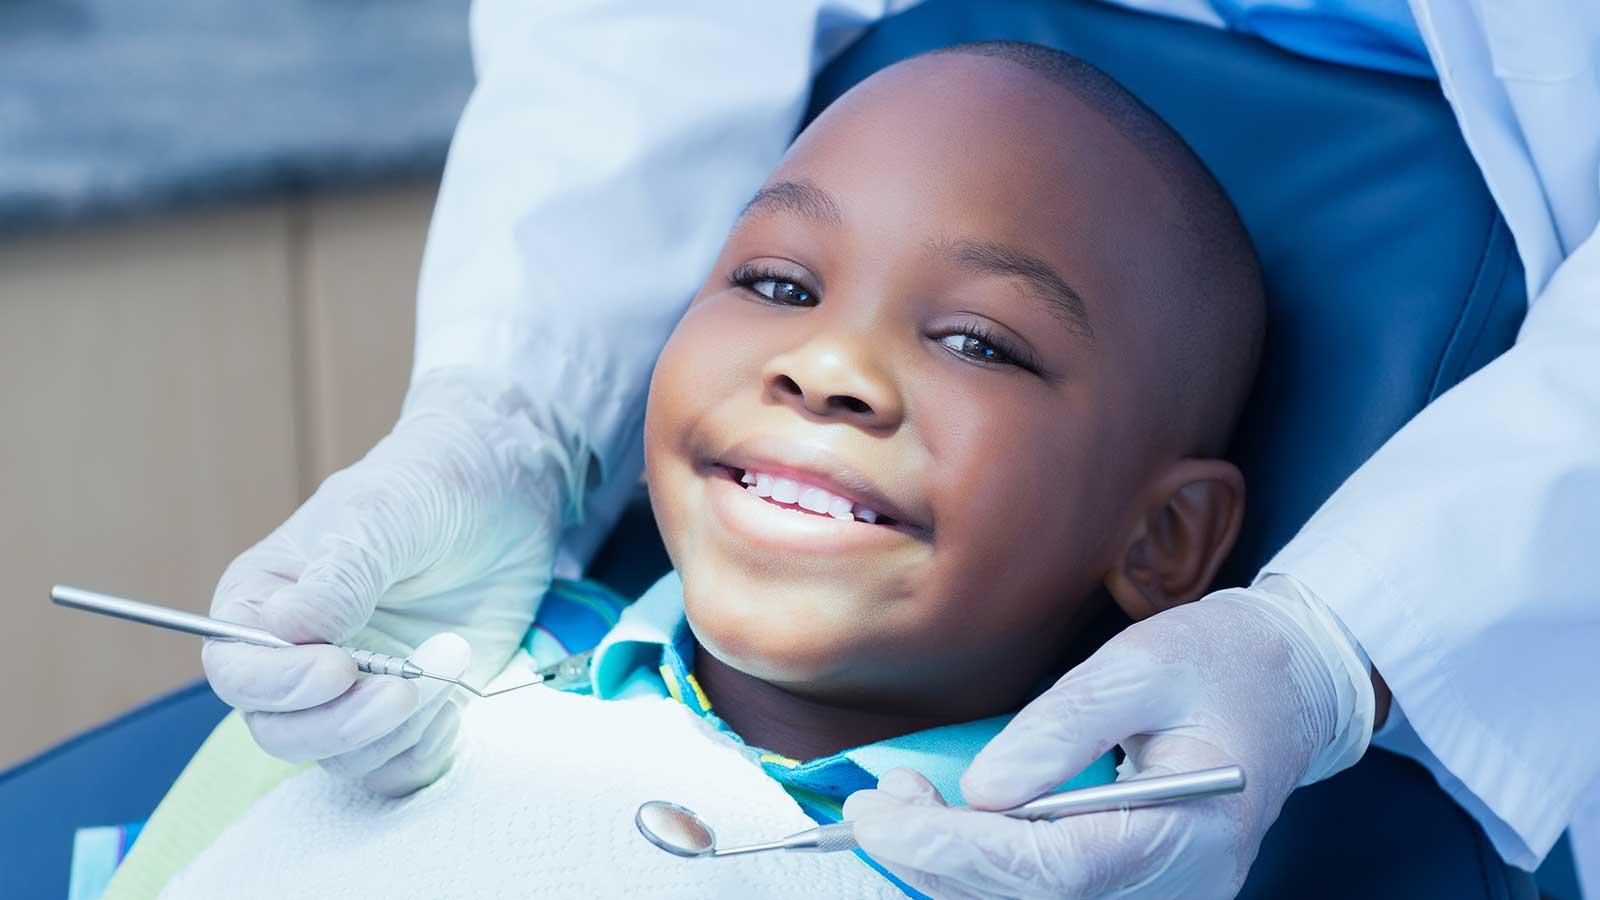 Si tu niño sufre un accidente que dañe sus dientes, ¿sabes qué hacer? Te damos una guía